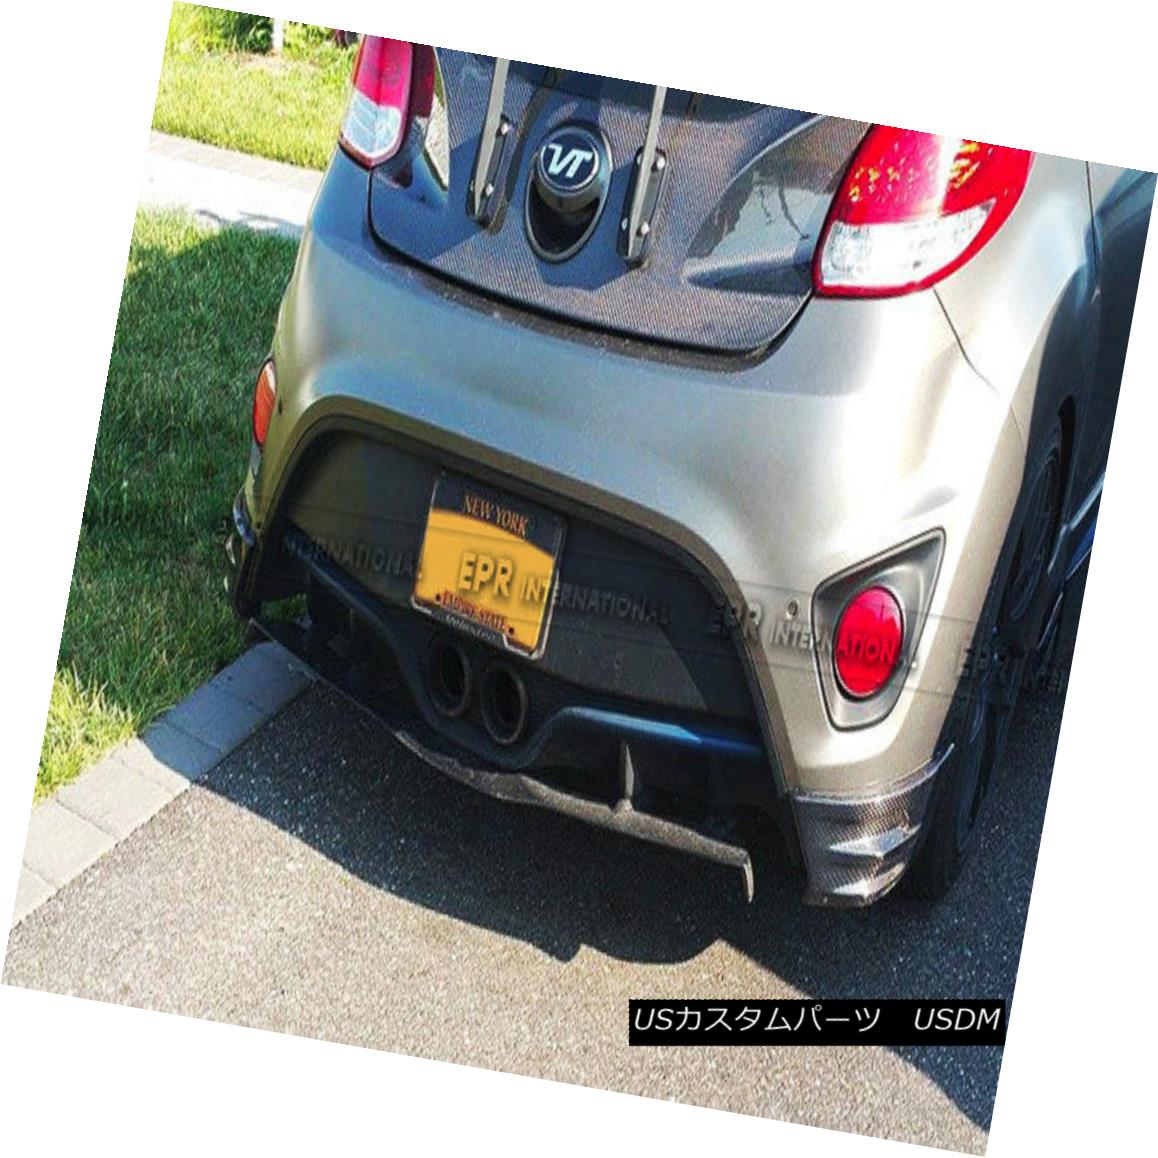 エアロパーツ AER Rear Bumper Spat (Large) For Hyundai Veloster NEFFD Style Turbo Carbon Fiber 現代ベロステーター用AERリアバンパースパット(大)NEFDスタイルターボカーボンファイバー